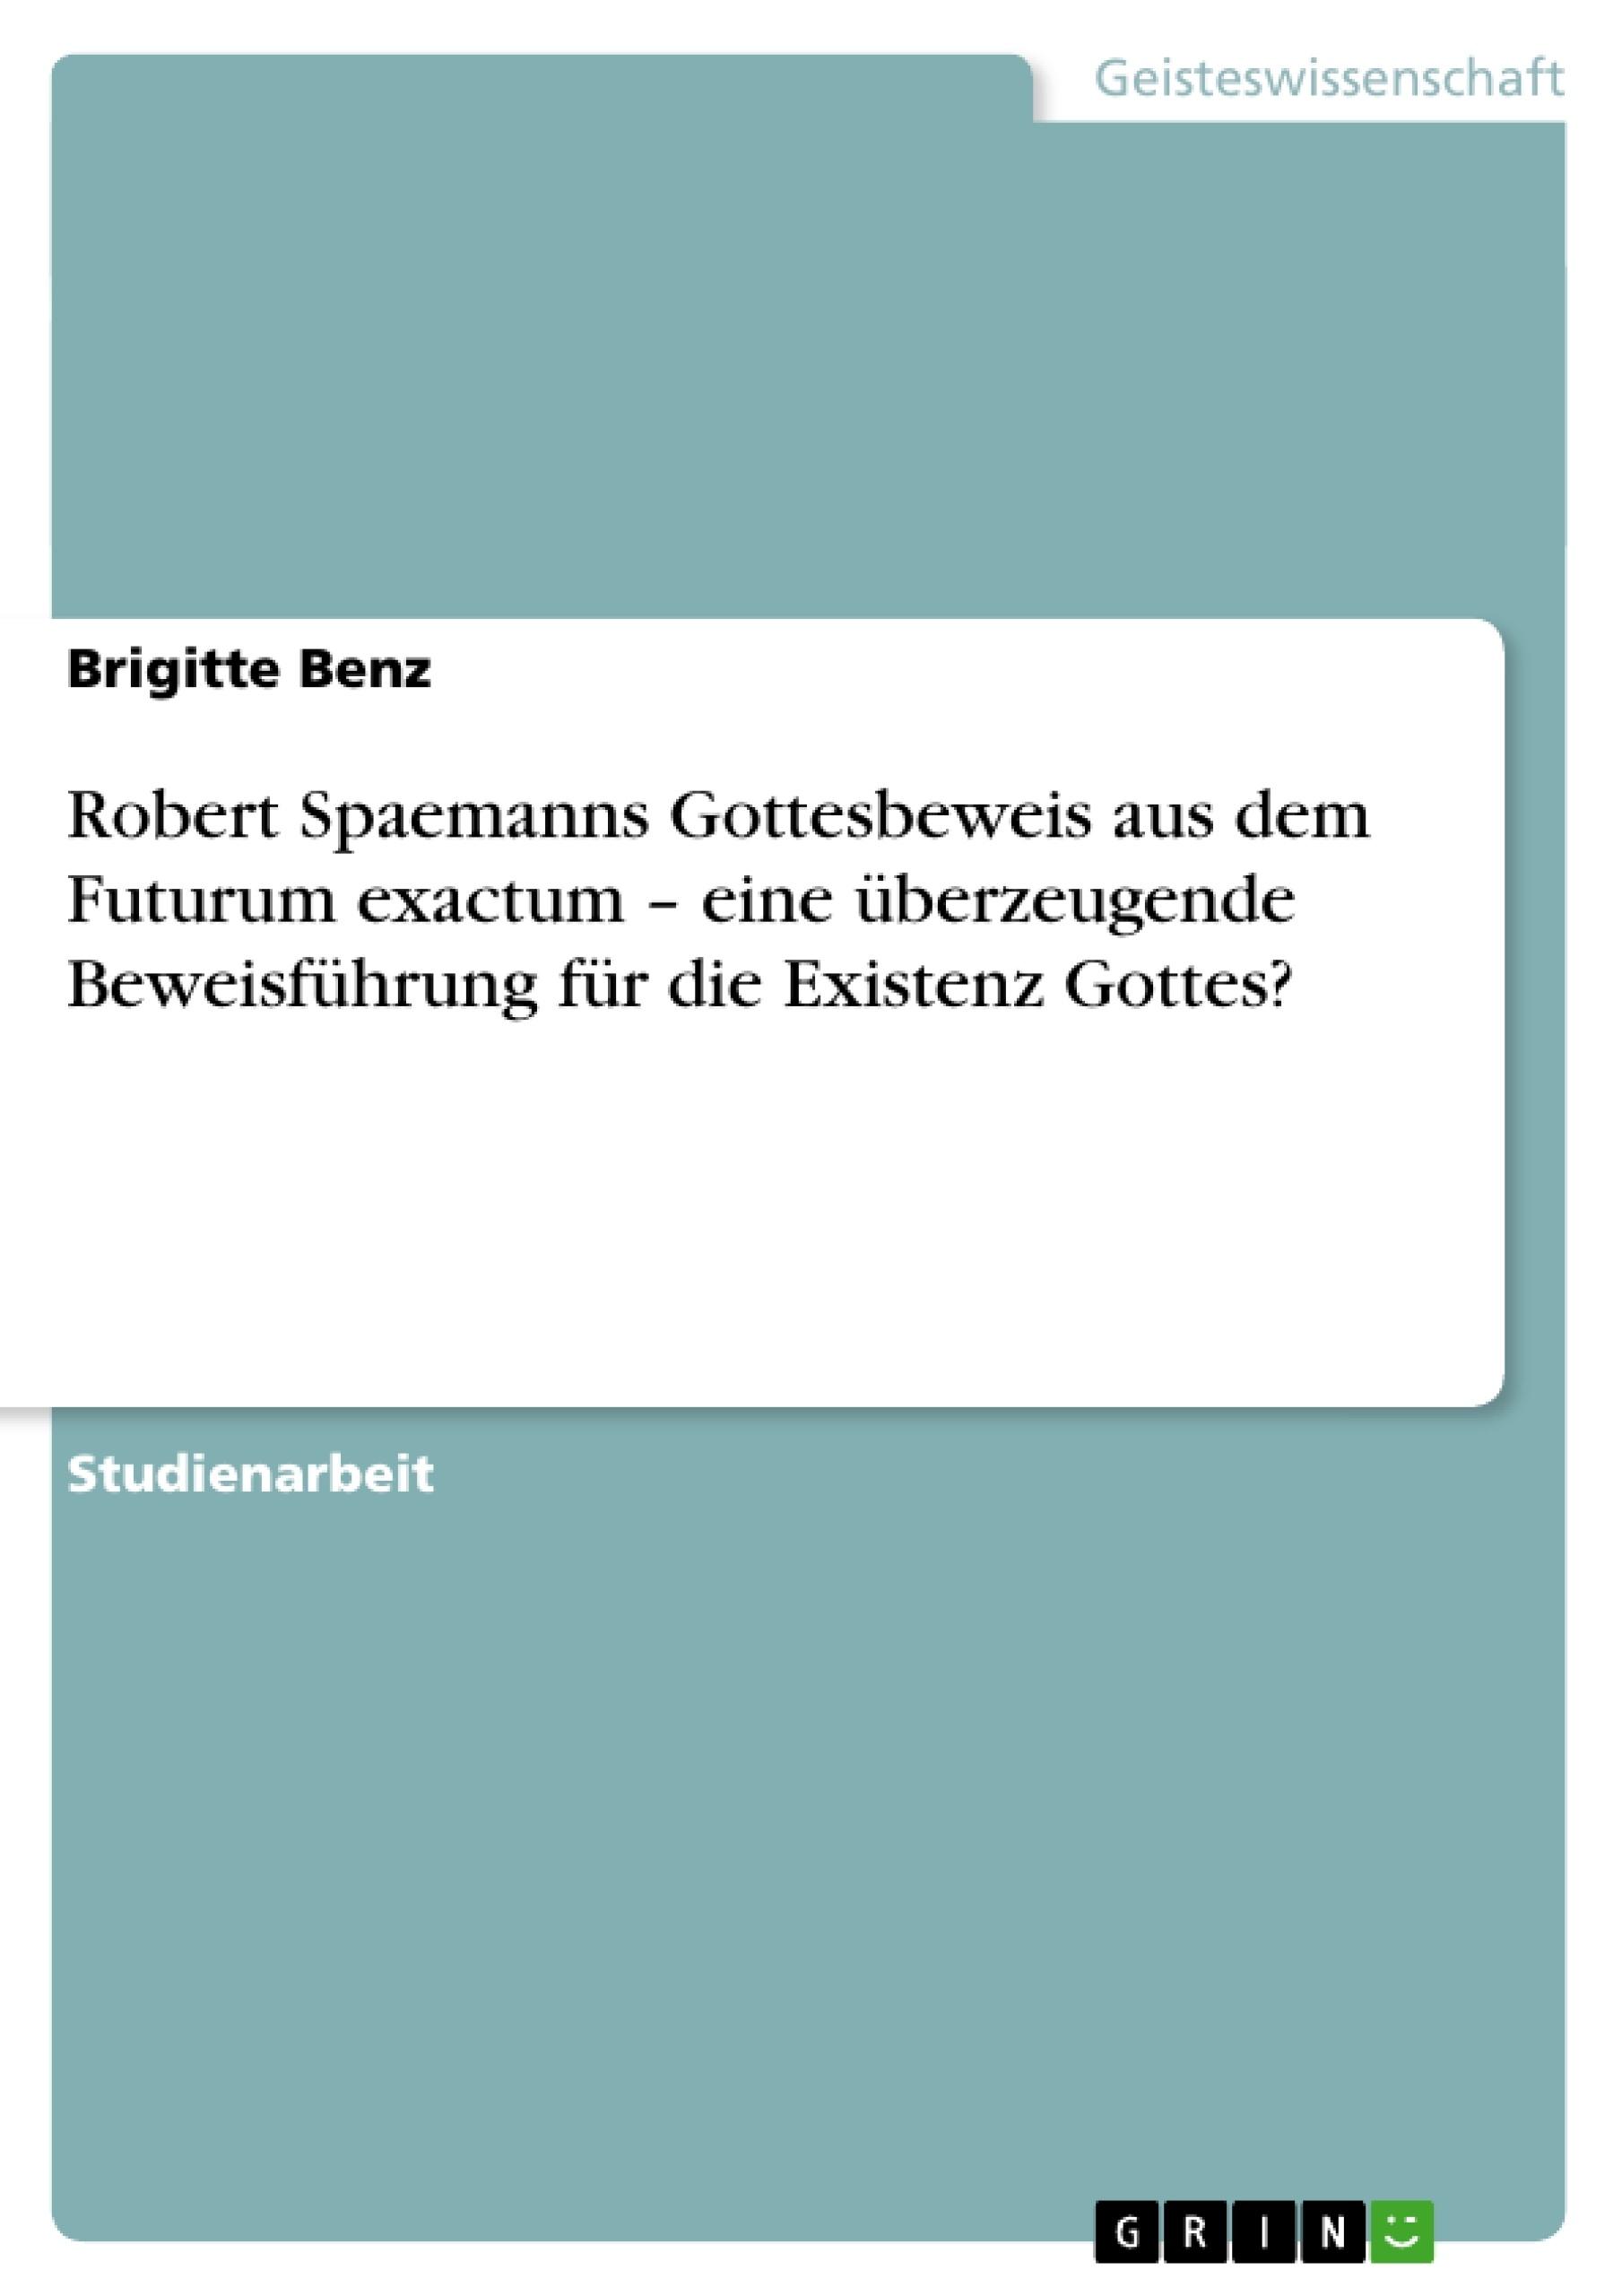 Titel: Robert Spaemanns Gottesbeweis aus dem Futurum exactum – eine überzeugende Beweisführung für die Existenz Gottes?